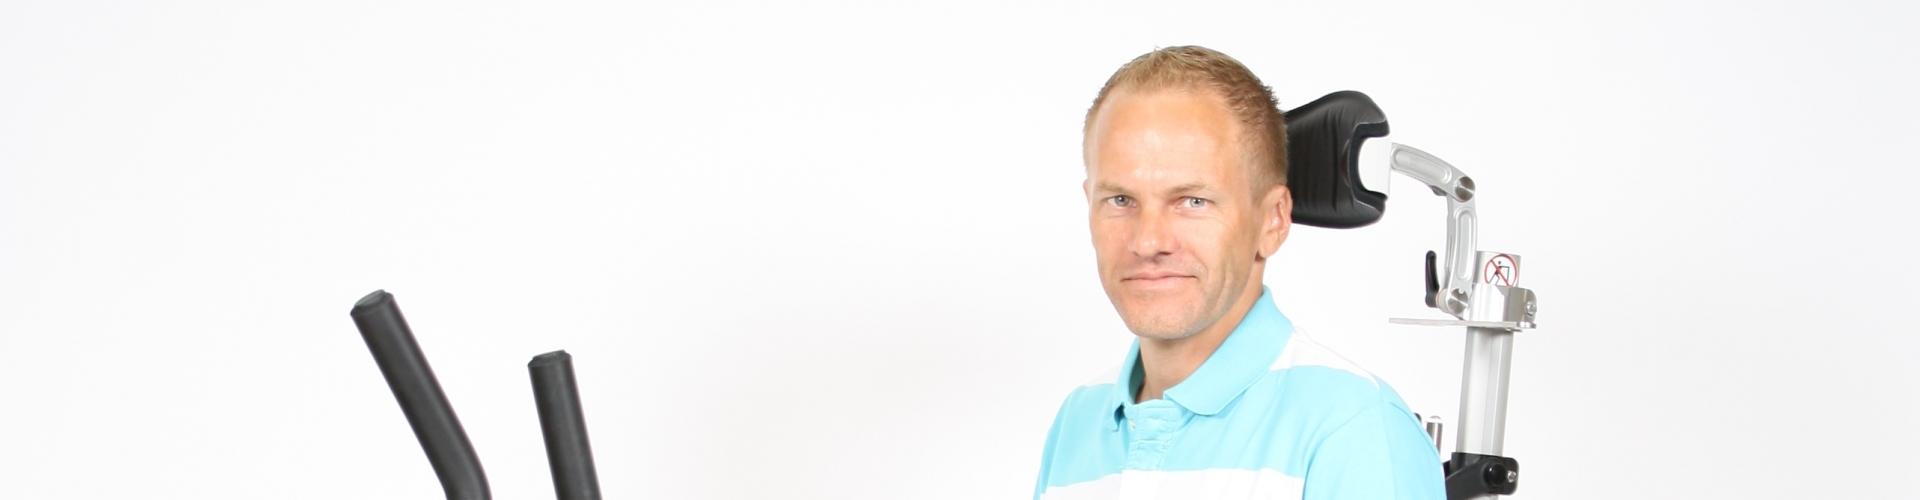 Specifikationer - Innowalk Pro